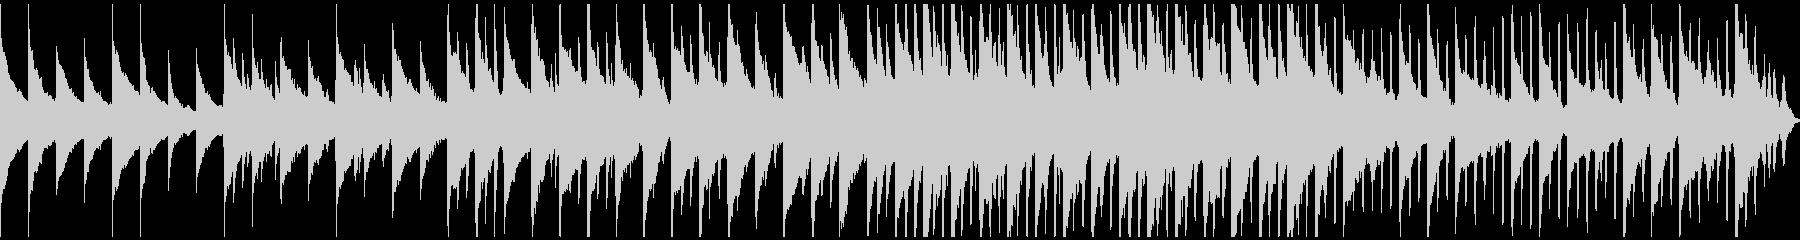 Gentle piano ambient's unreproduced waveform